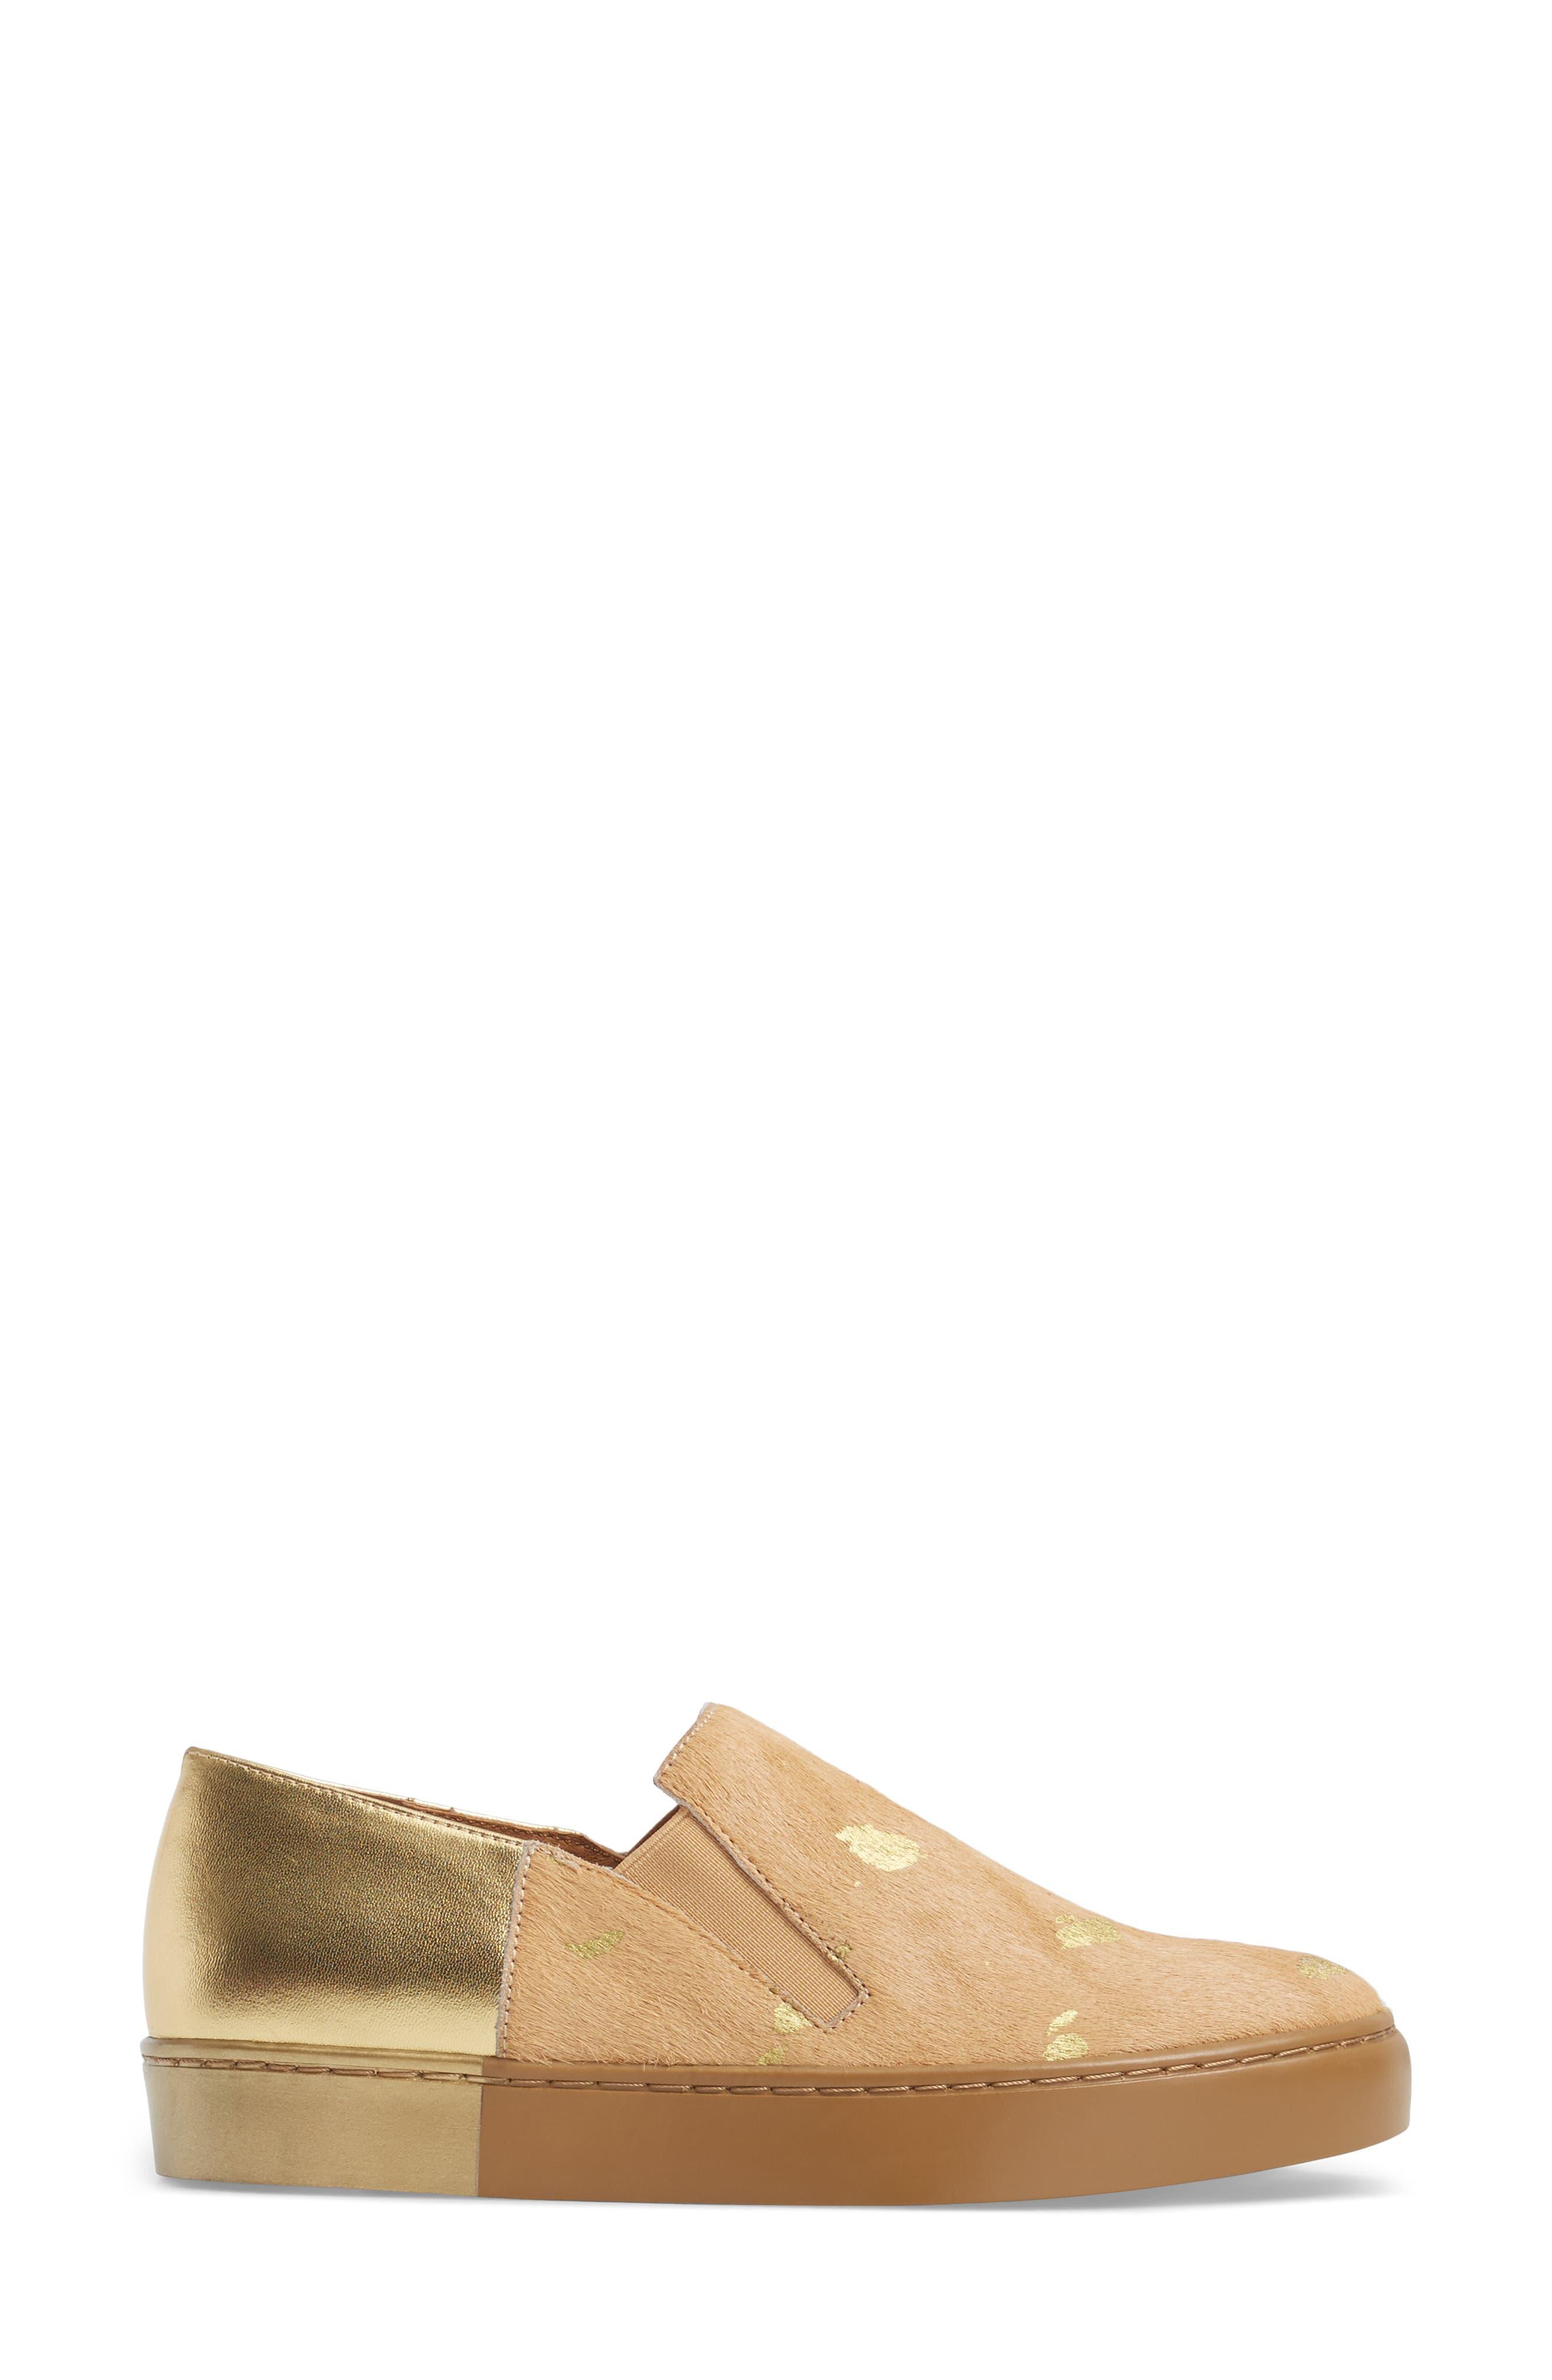 Varsity Slip-On Sneaker,                             Alternate thumbnail 3, color,                             Taupe